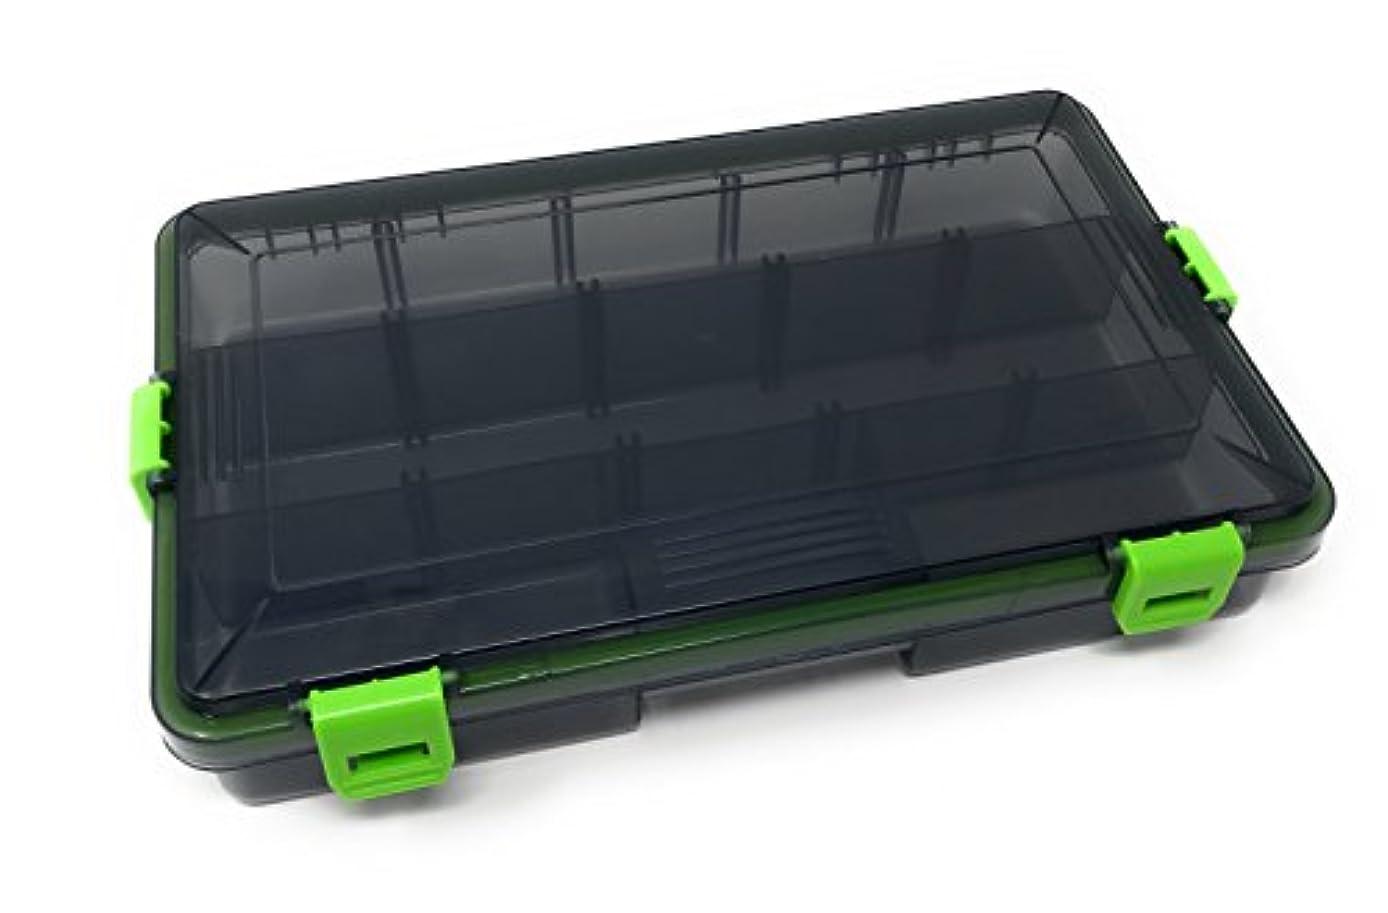 姿勢塊無意識防水パッキン付き タックルボックス 2サイズ ルアー フィッシング TOKYO GOODS MARKET